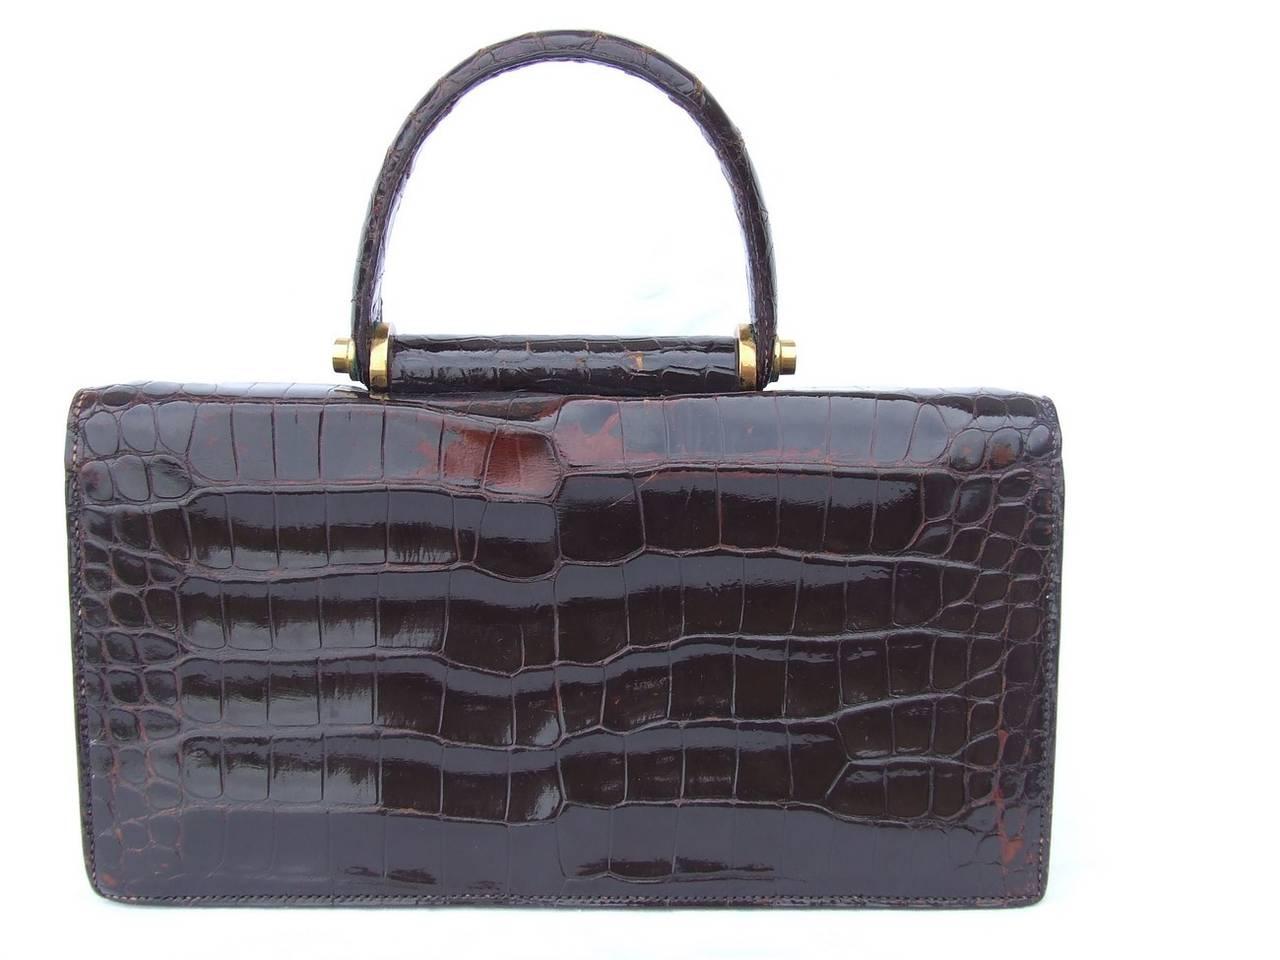 authentic hermes vintage handbag brown crocodile at 1stdibs. Black Bedroom Furniture Sets. Home Design Ideas